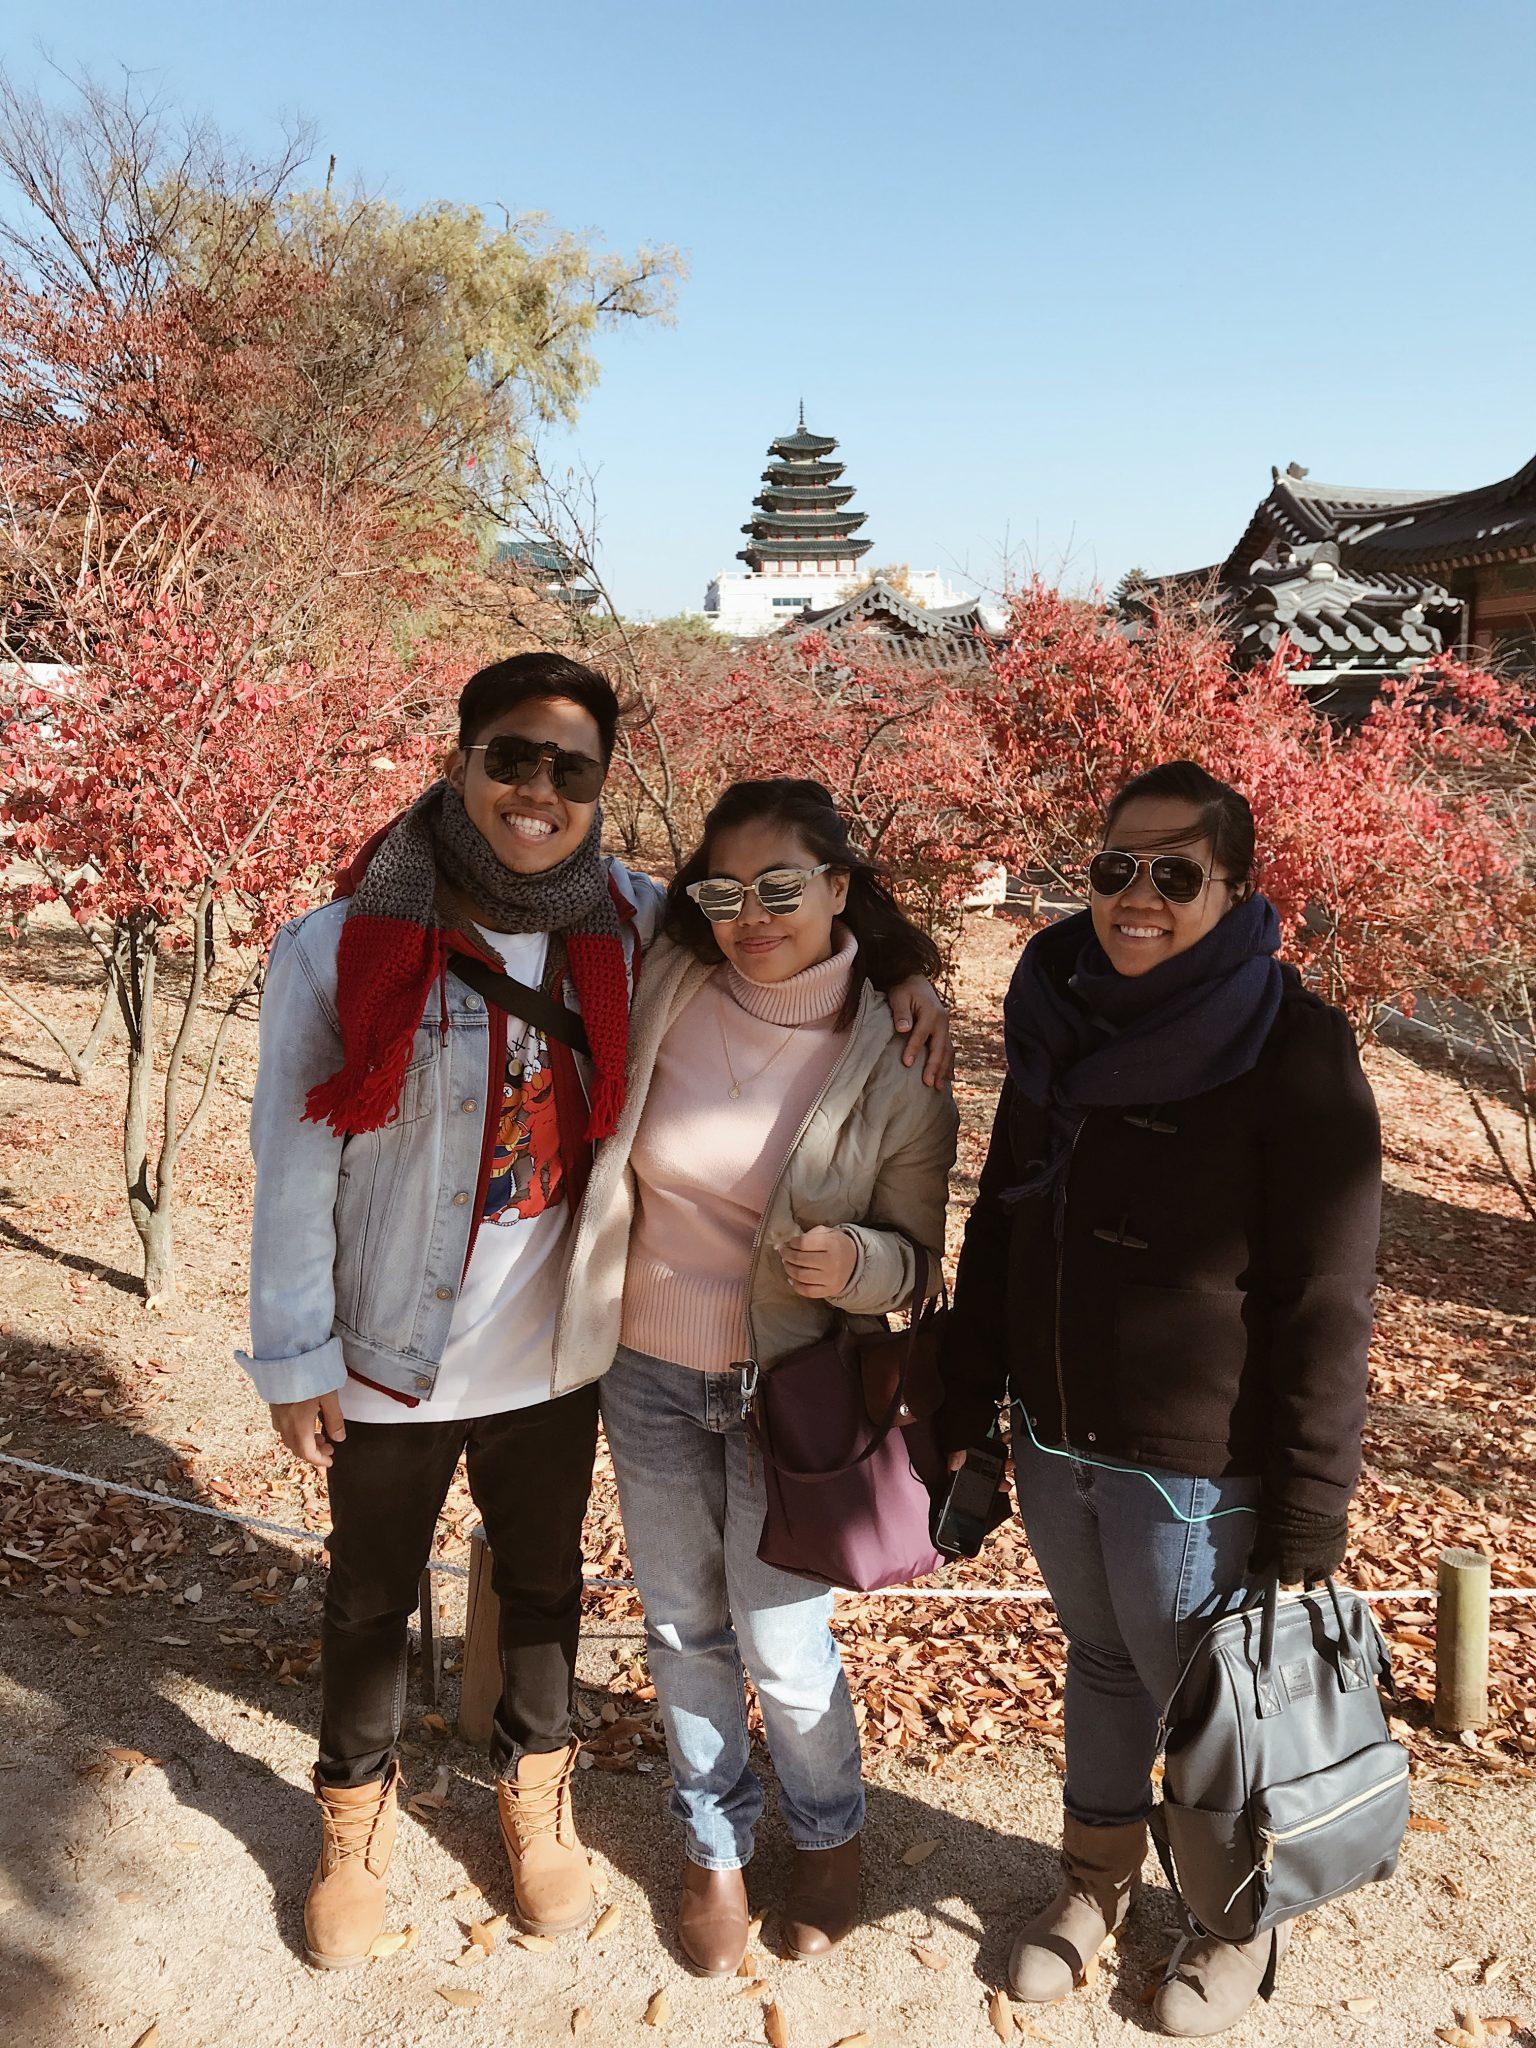 Gyeongbokgung Palace siblings